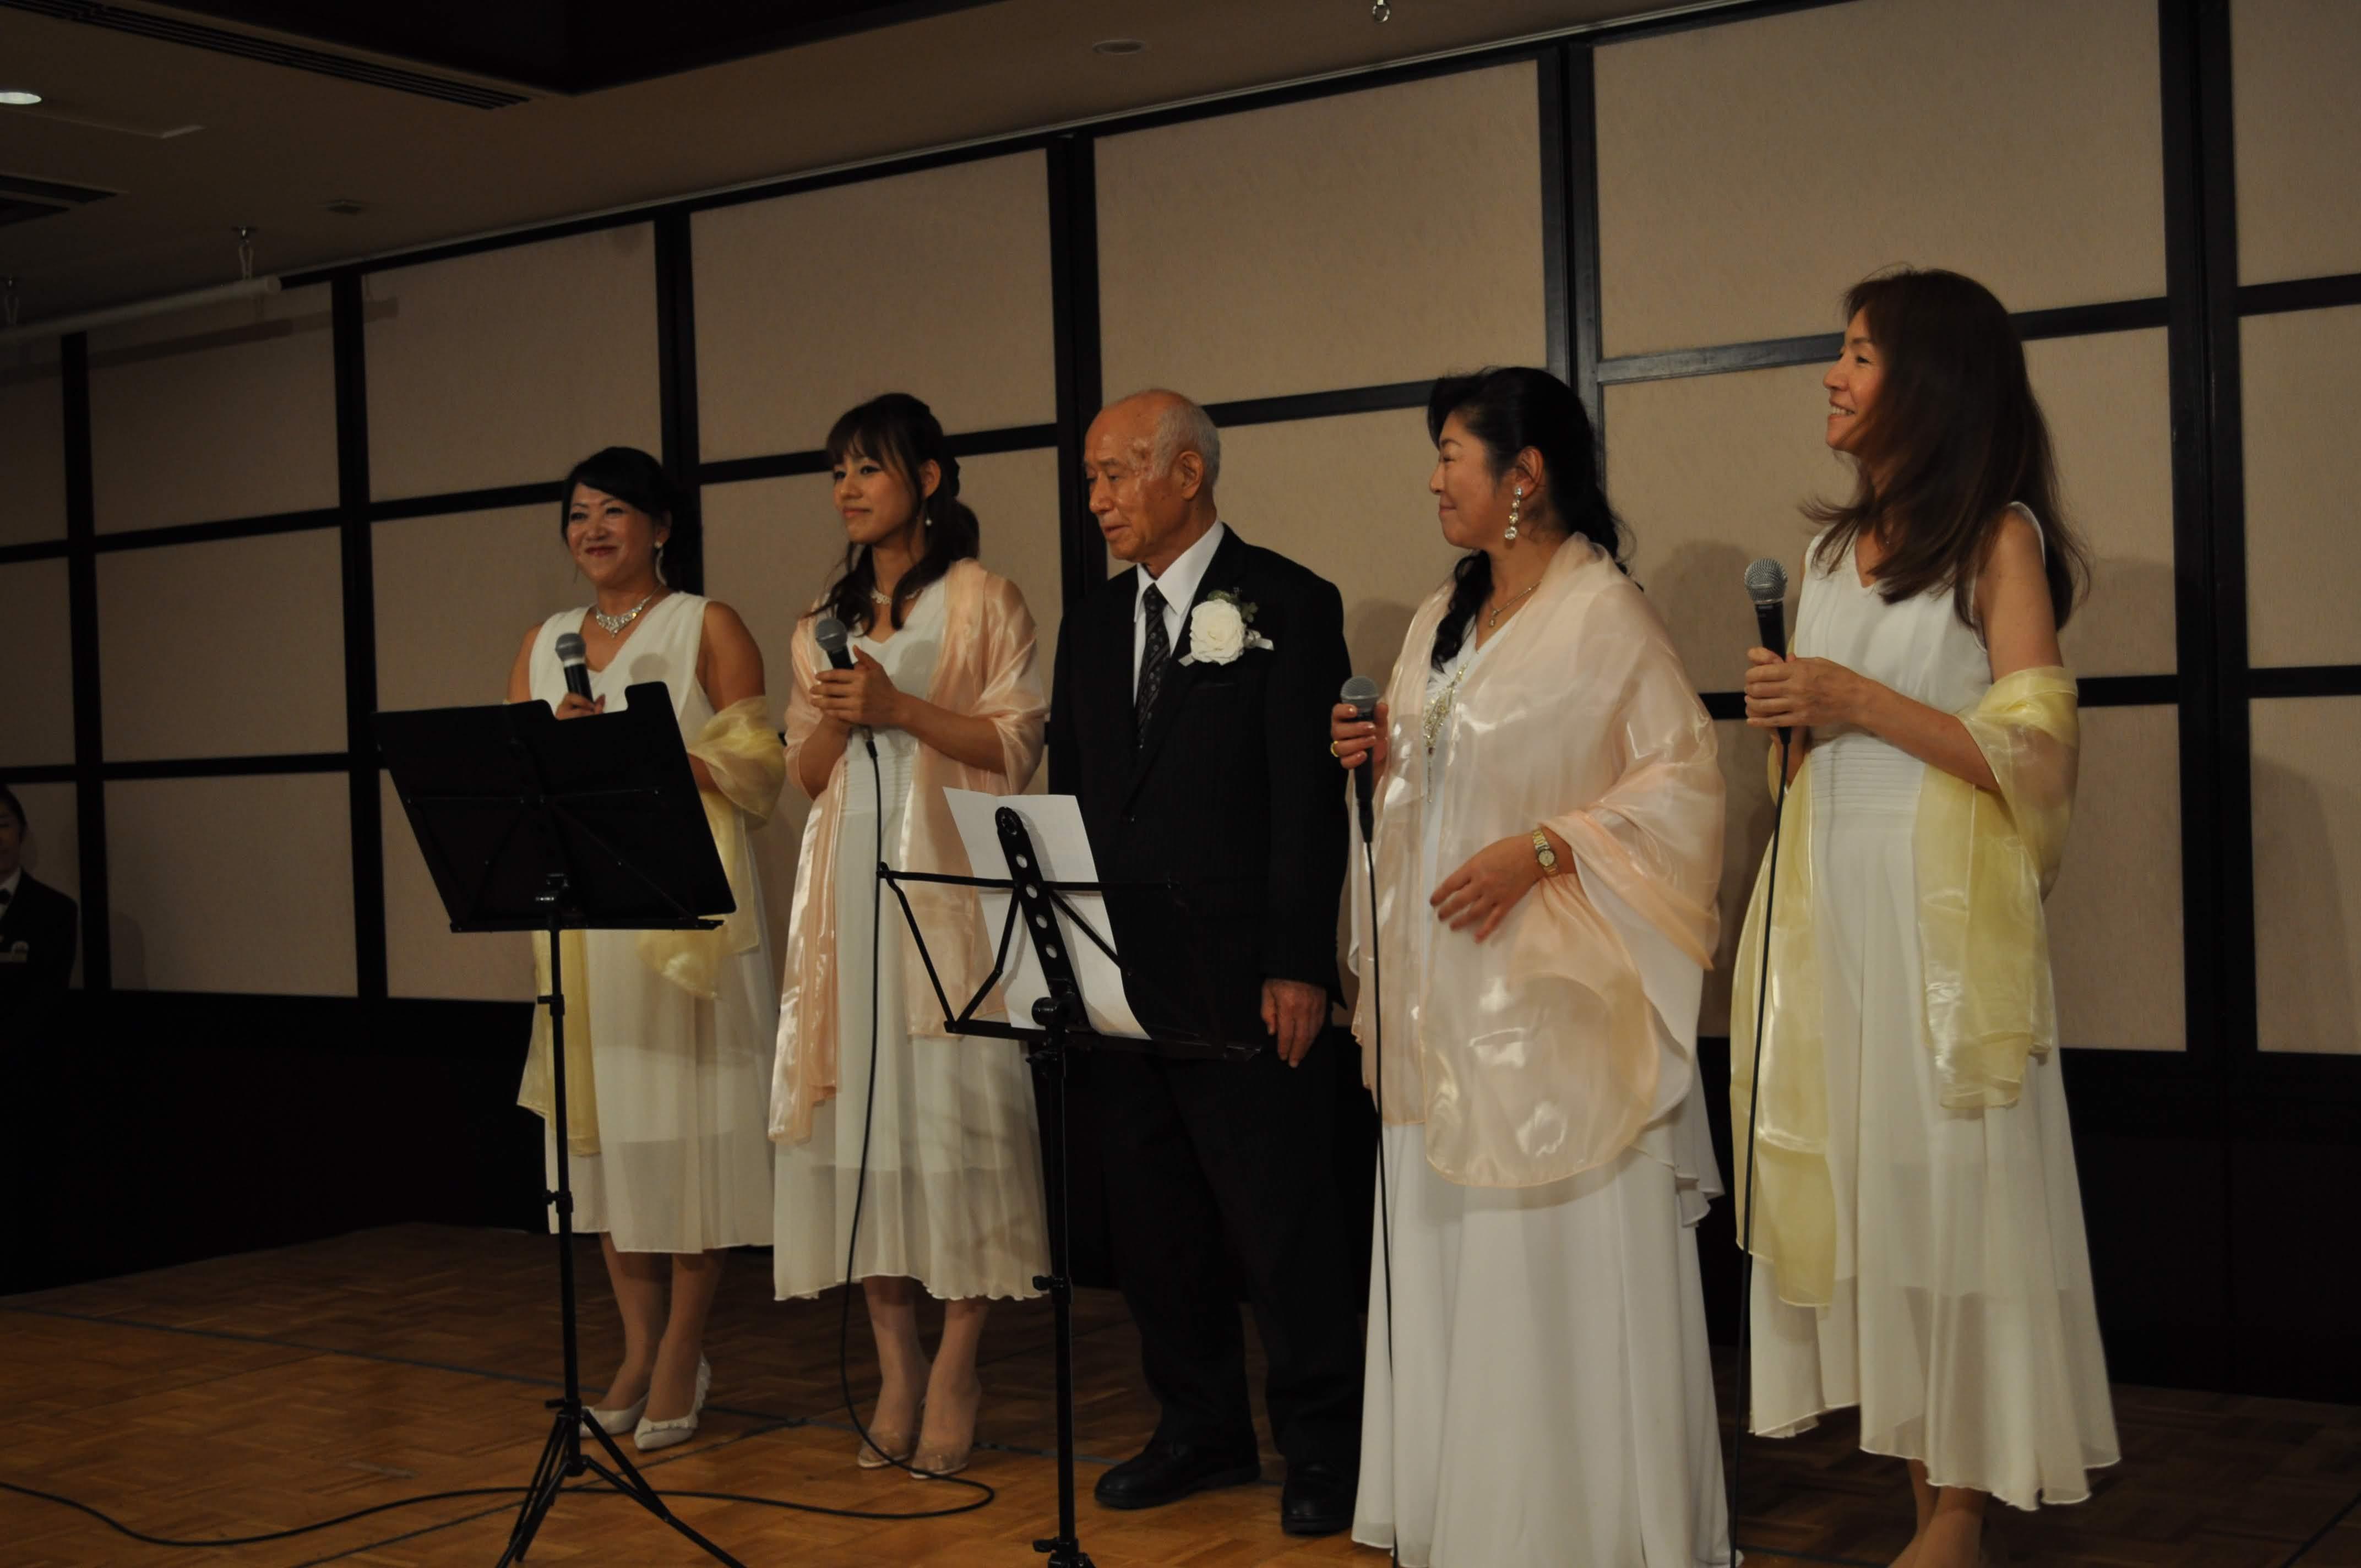 DSC 0516 1 - 思風会全国大会in広島